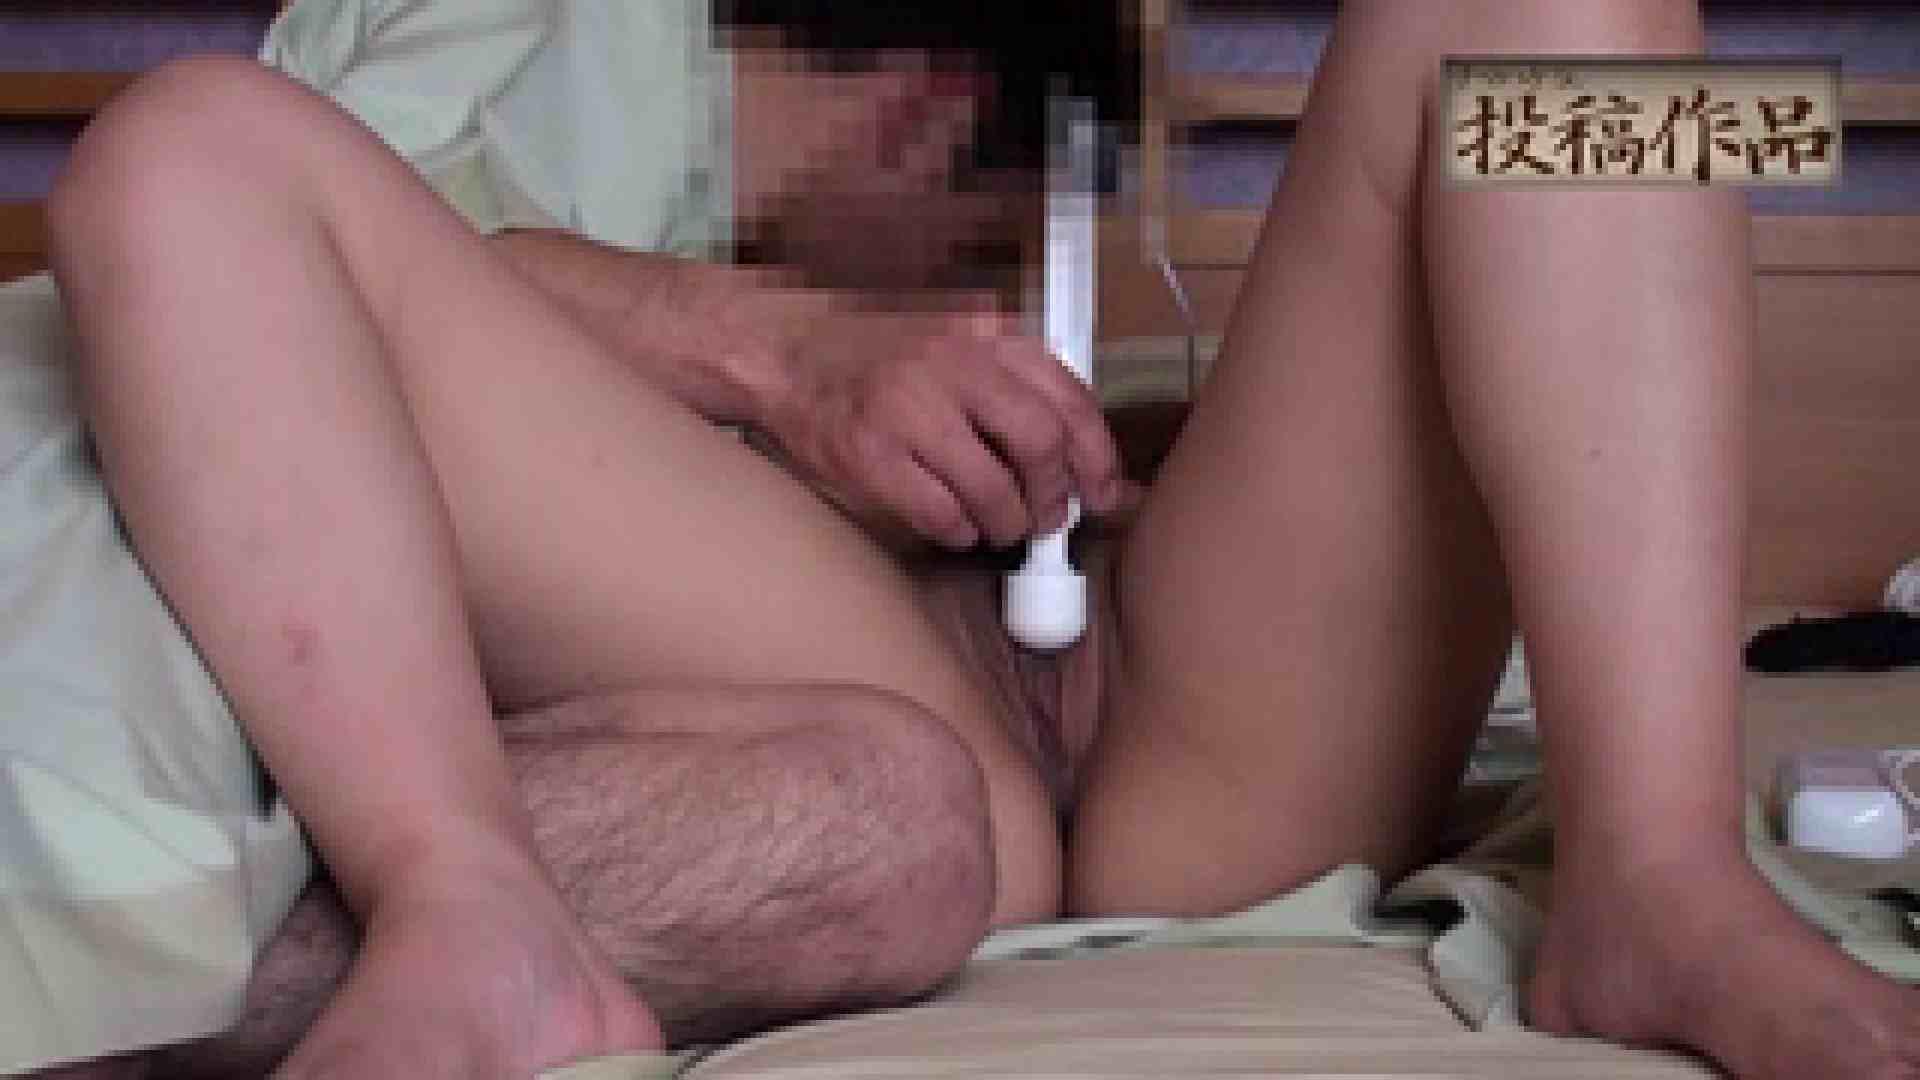 ナマハゲさんのまんこコレクション megu キャバ嬢達のヌード   マンコ特集  38連発 14